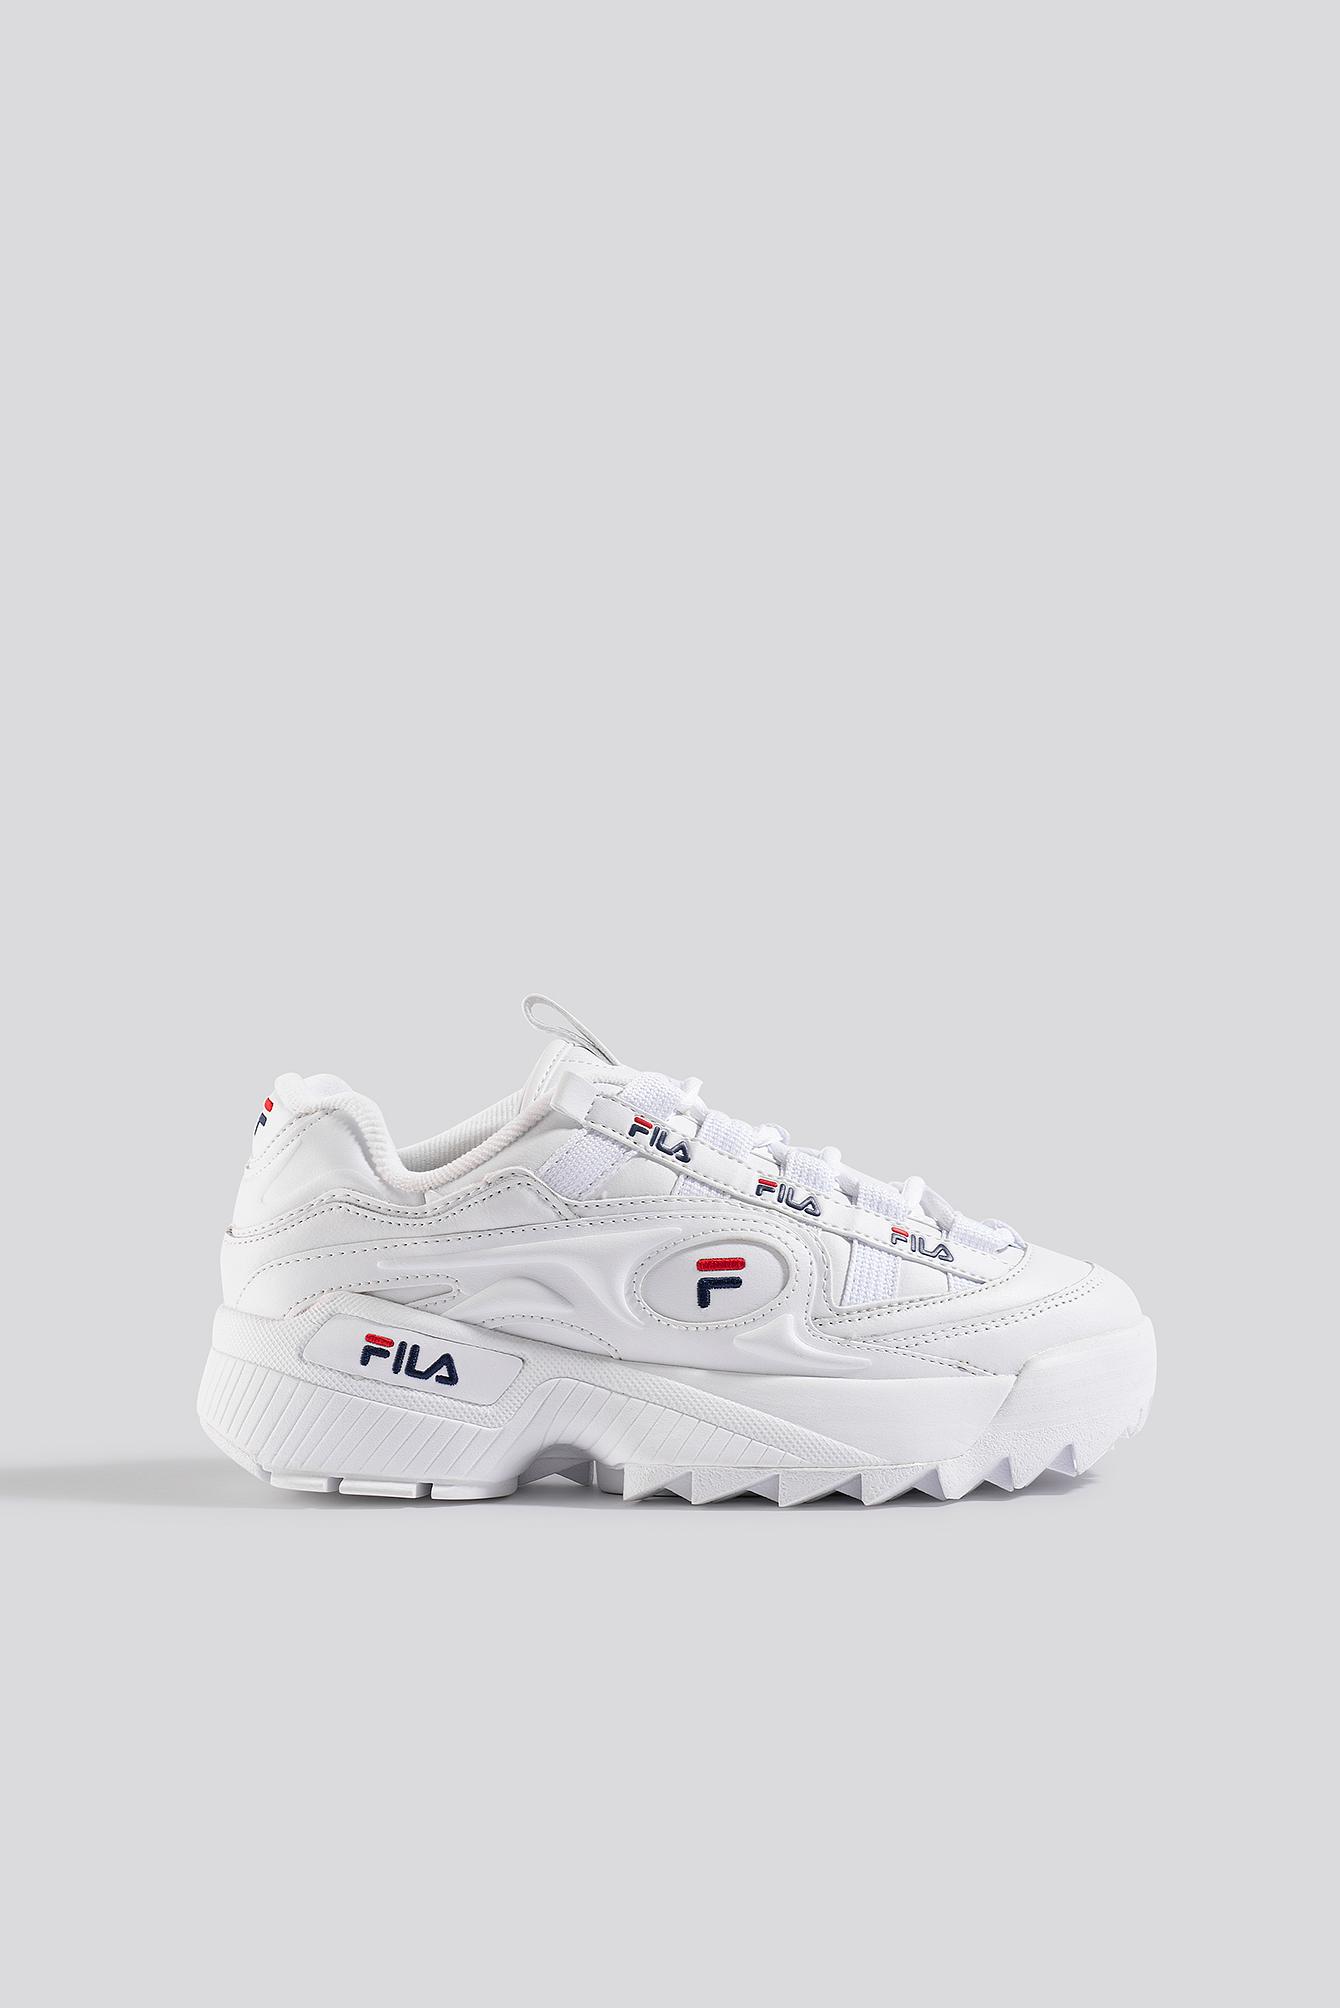 fila -  D-Formation Wmn Sneaker - White